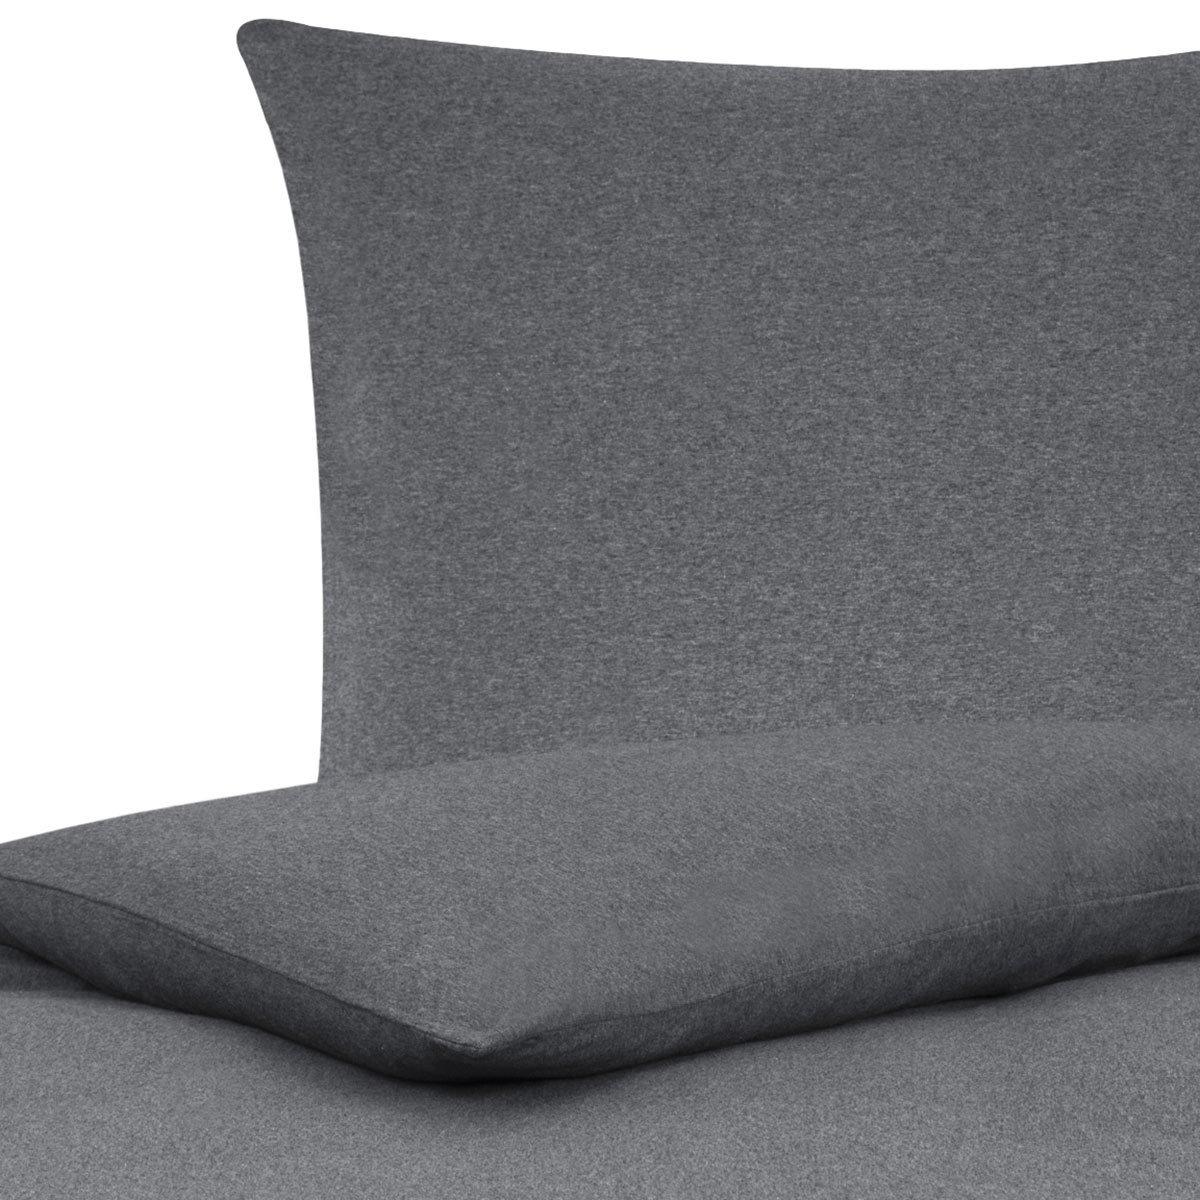 Traumschlaf Uni Jersey Melange Bettwäsche anthrazit 240x220 cm + 2X 80x80 cm